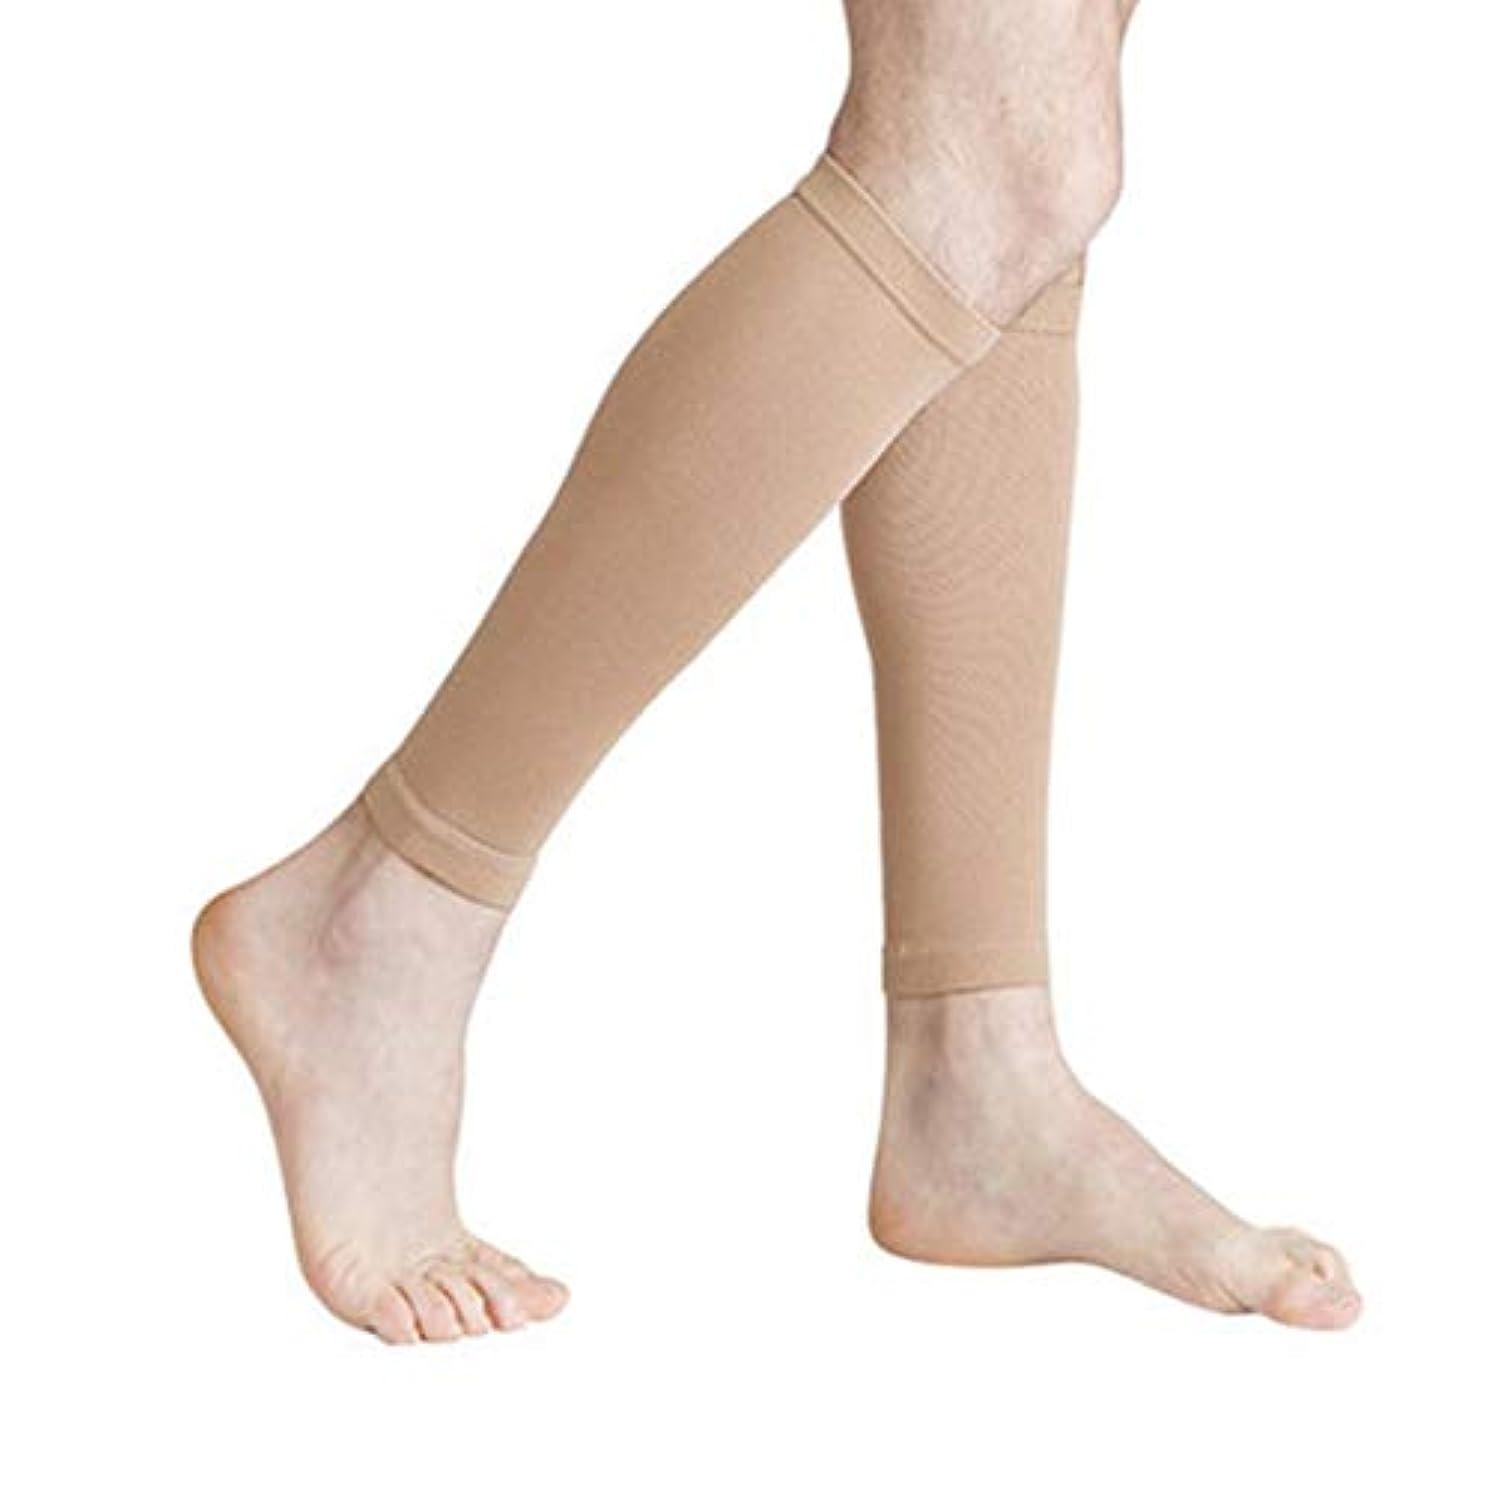 フェミニン故意に広く丈夫な男性女性プロの圧縮靴下通気性のある旅行活動看護師用シントスプリントフライトトラベル - 肌色